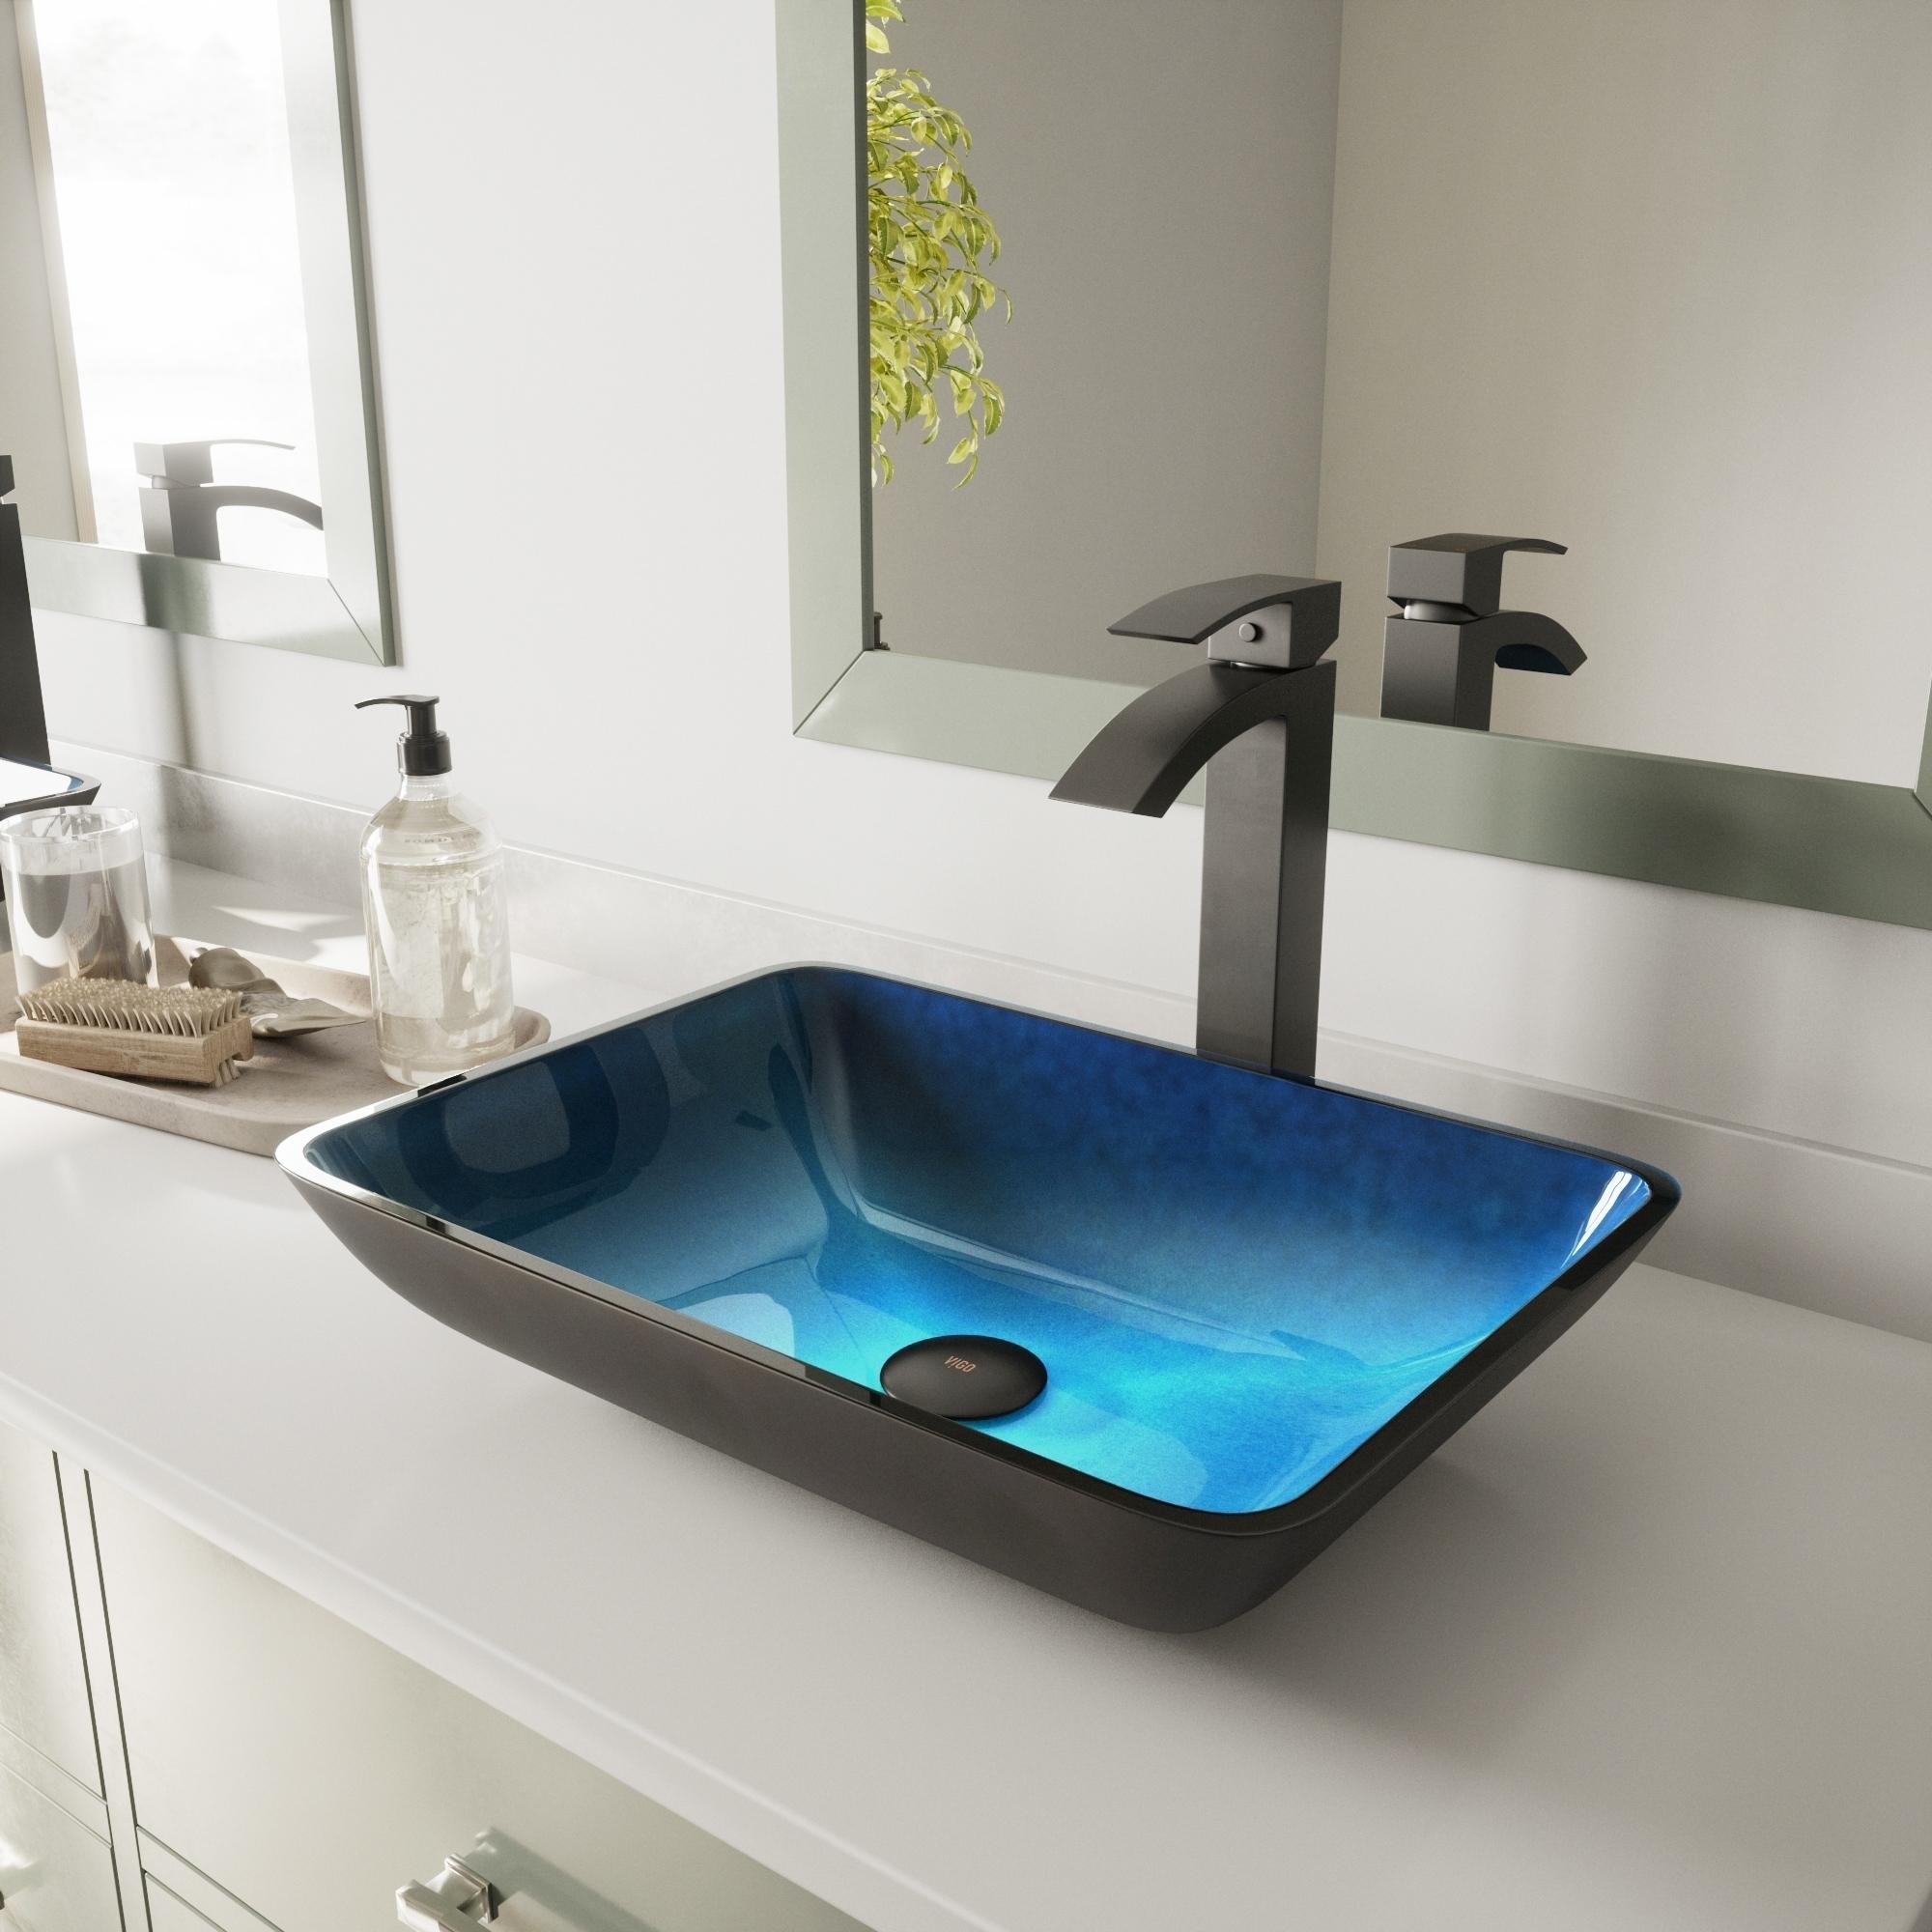 buy blue bathroom sinks online at overstock our best sinks deals rh overstock com blue bathroom sink cabinets blue bathroom sink bowls